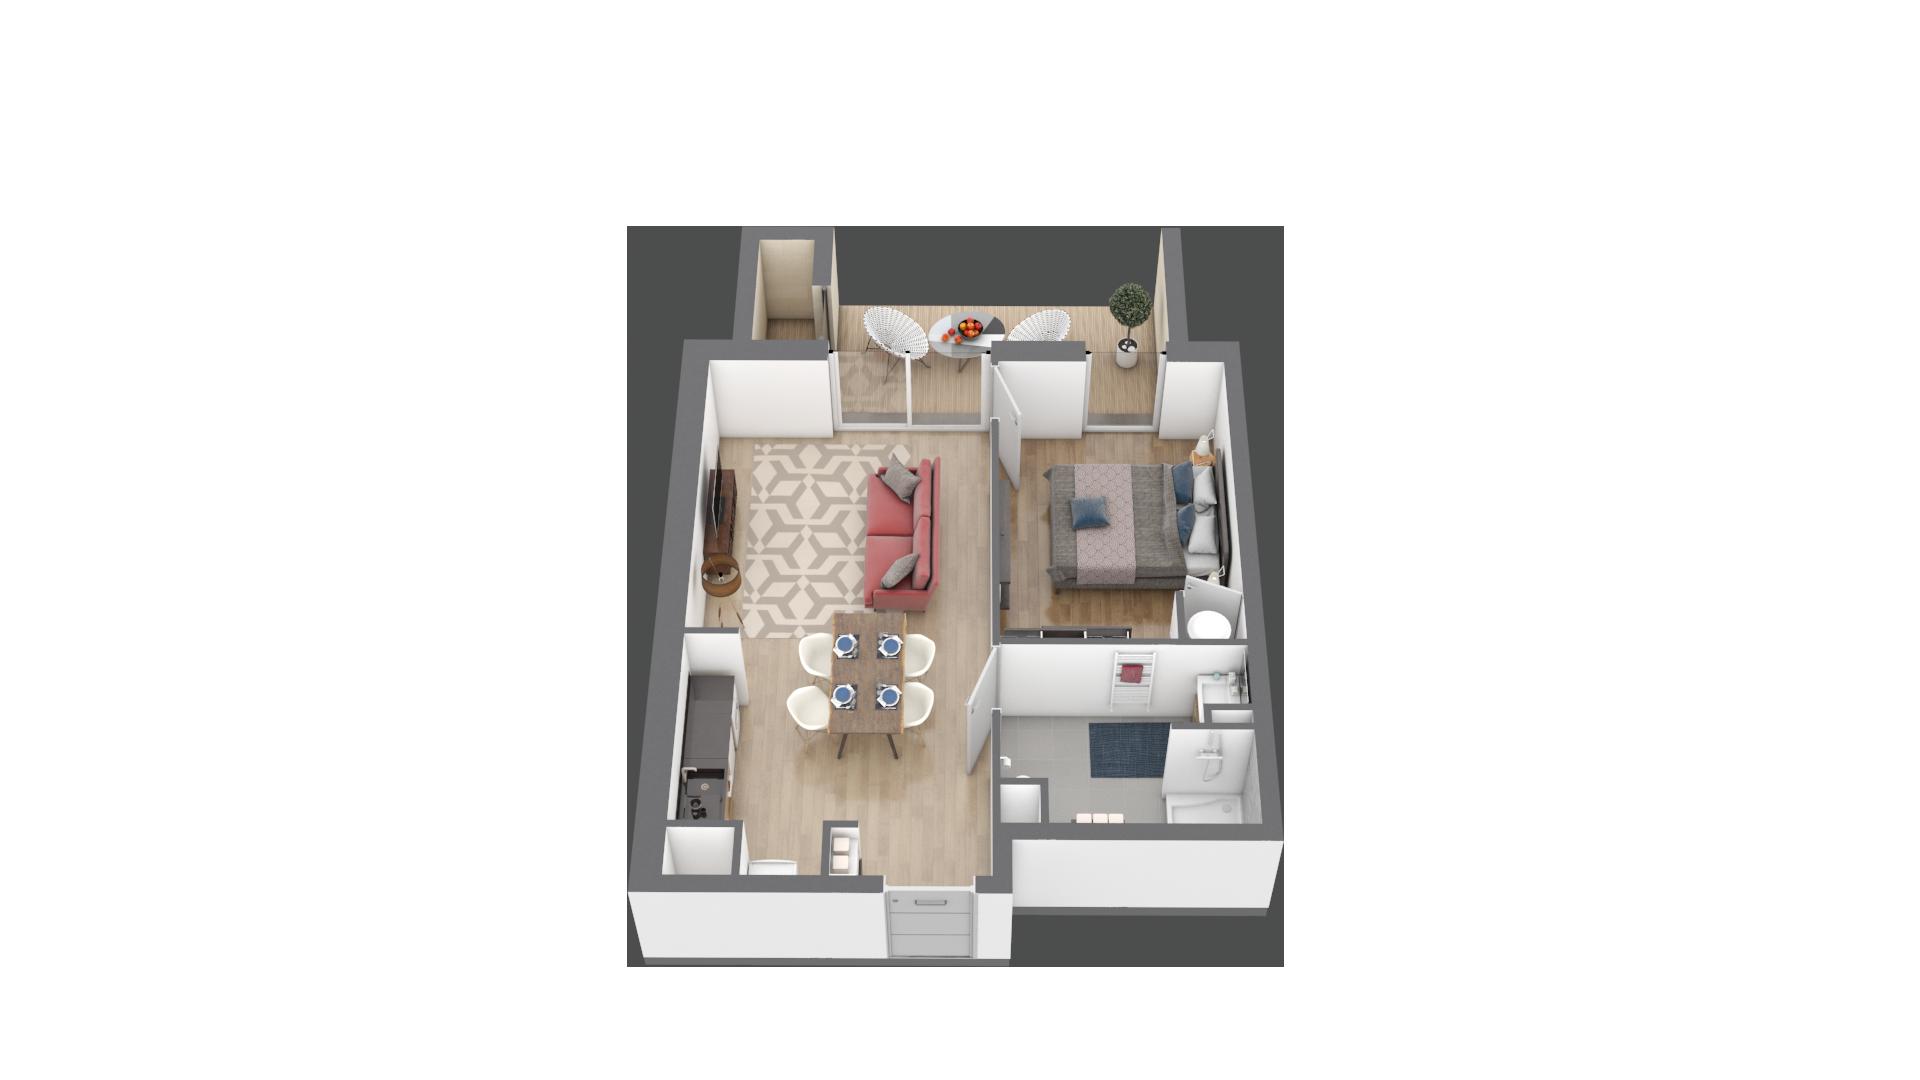 appartement B001 de type T2